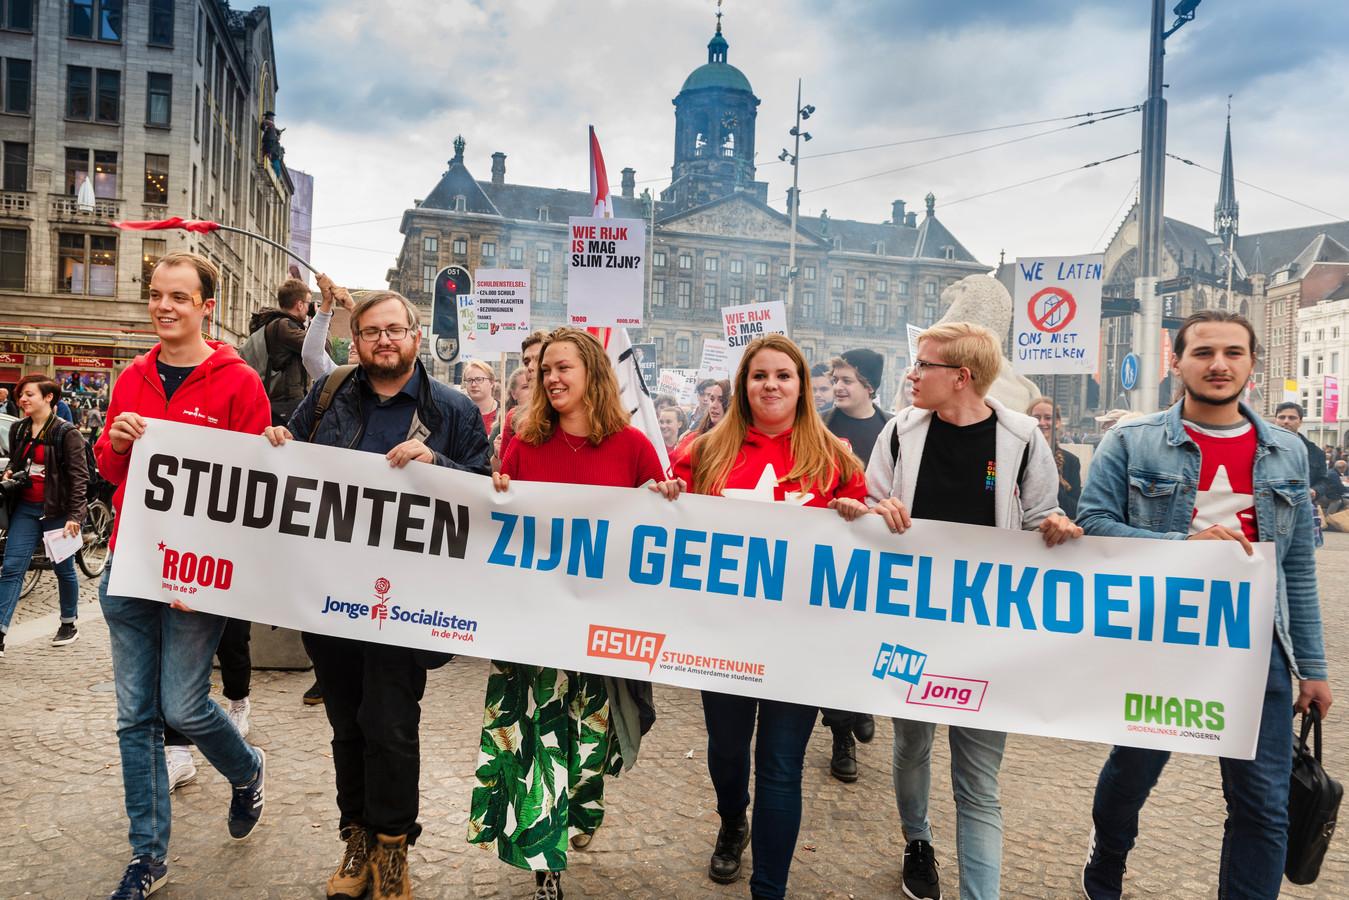 Foto ter illustratie. Het studentenprotest in september 2018 op de Dam, tegen het plan van de toenmalige minister Van Engelshoven om studenten meer rente te laten betalen op studieleningen.